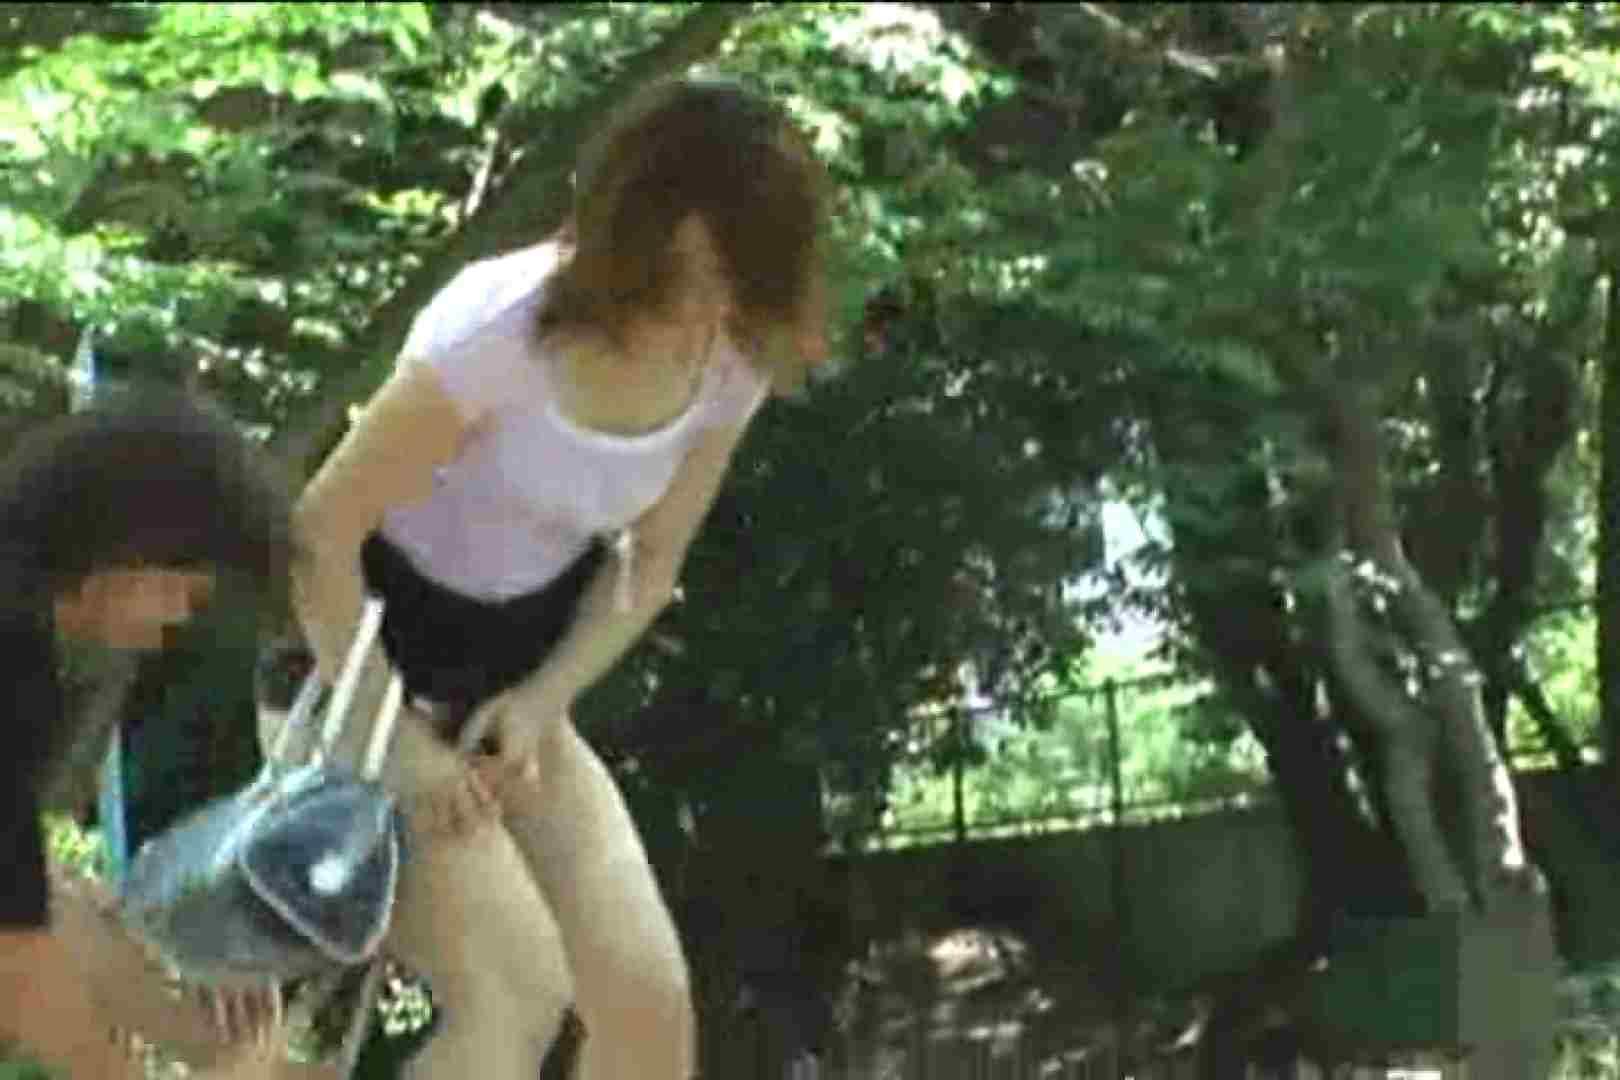 検証!隠し撮りスカートめくり!!Vol.8 ミニスカート | OLセックス  108画像 34